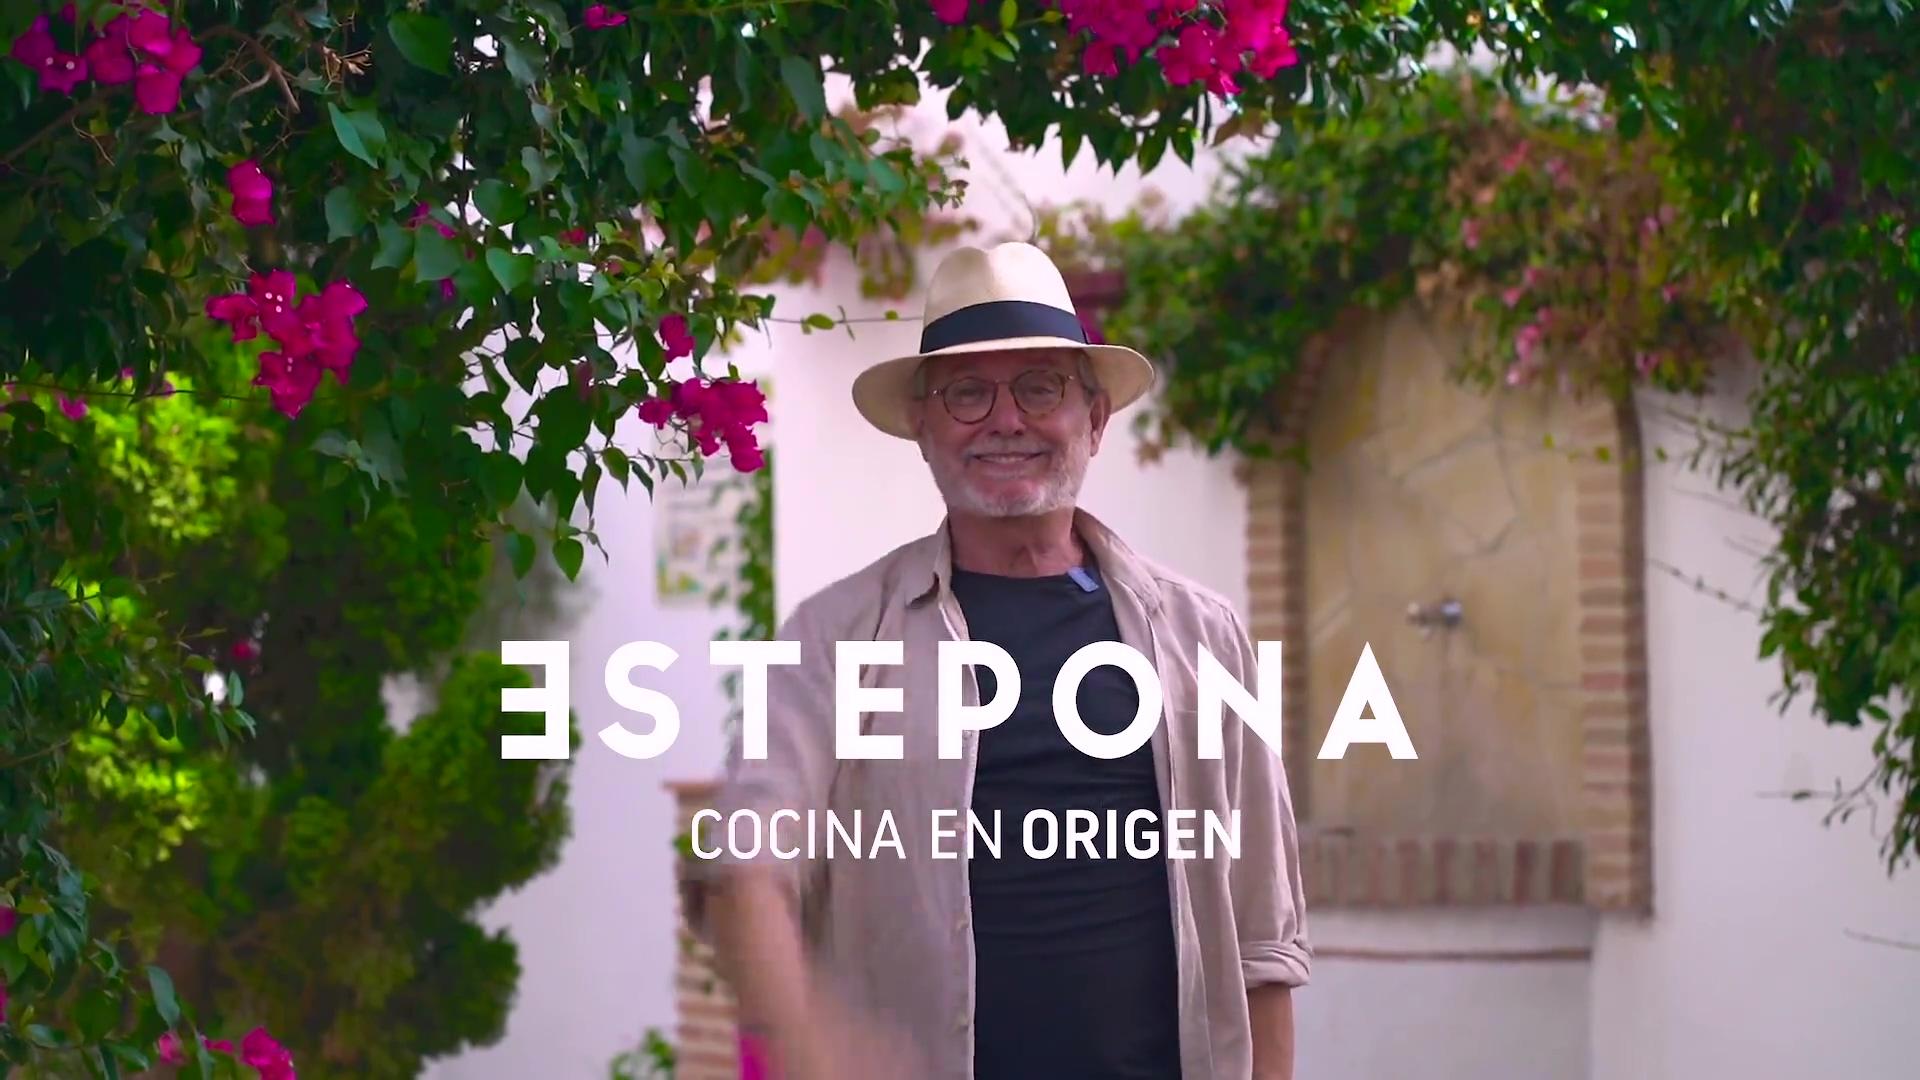 ESTEPONA - MALAGA COCINA EN ORIGEN